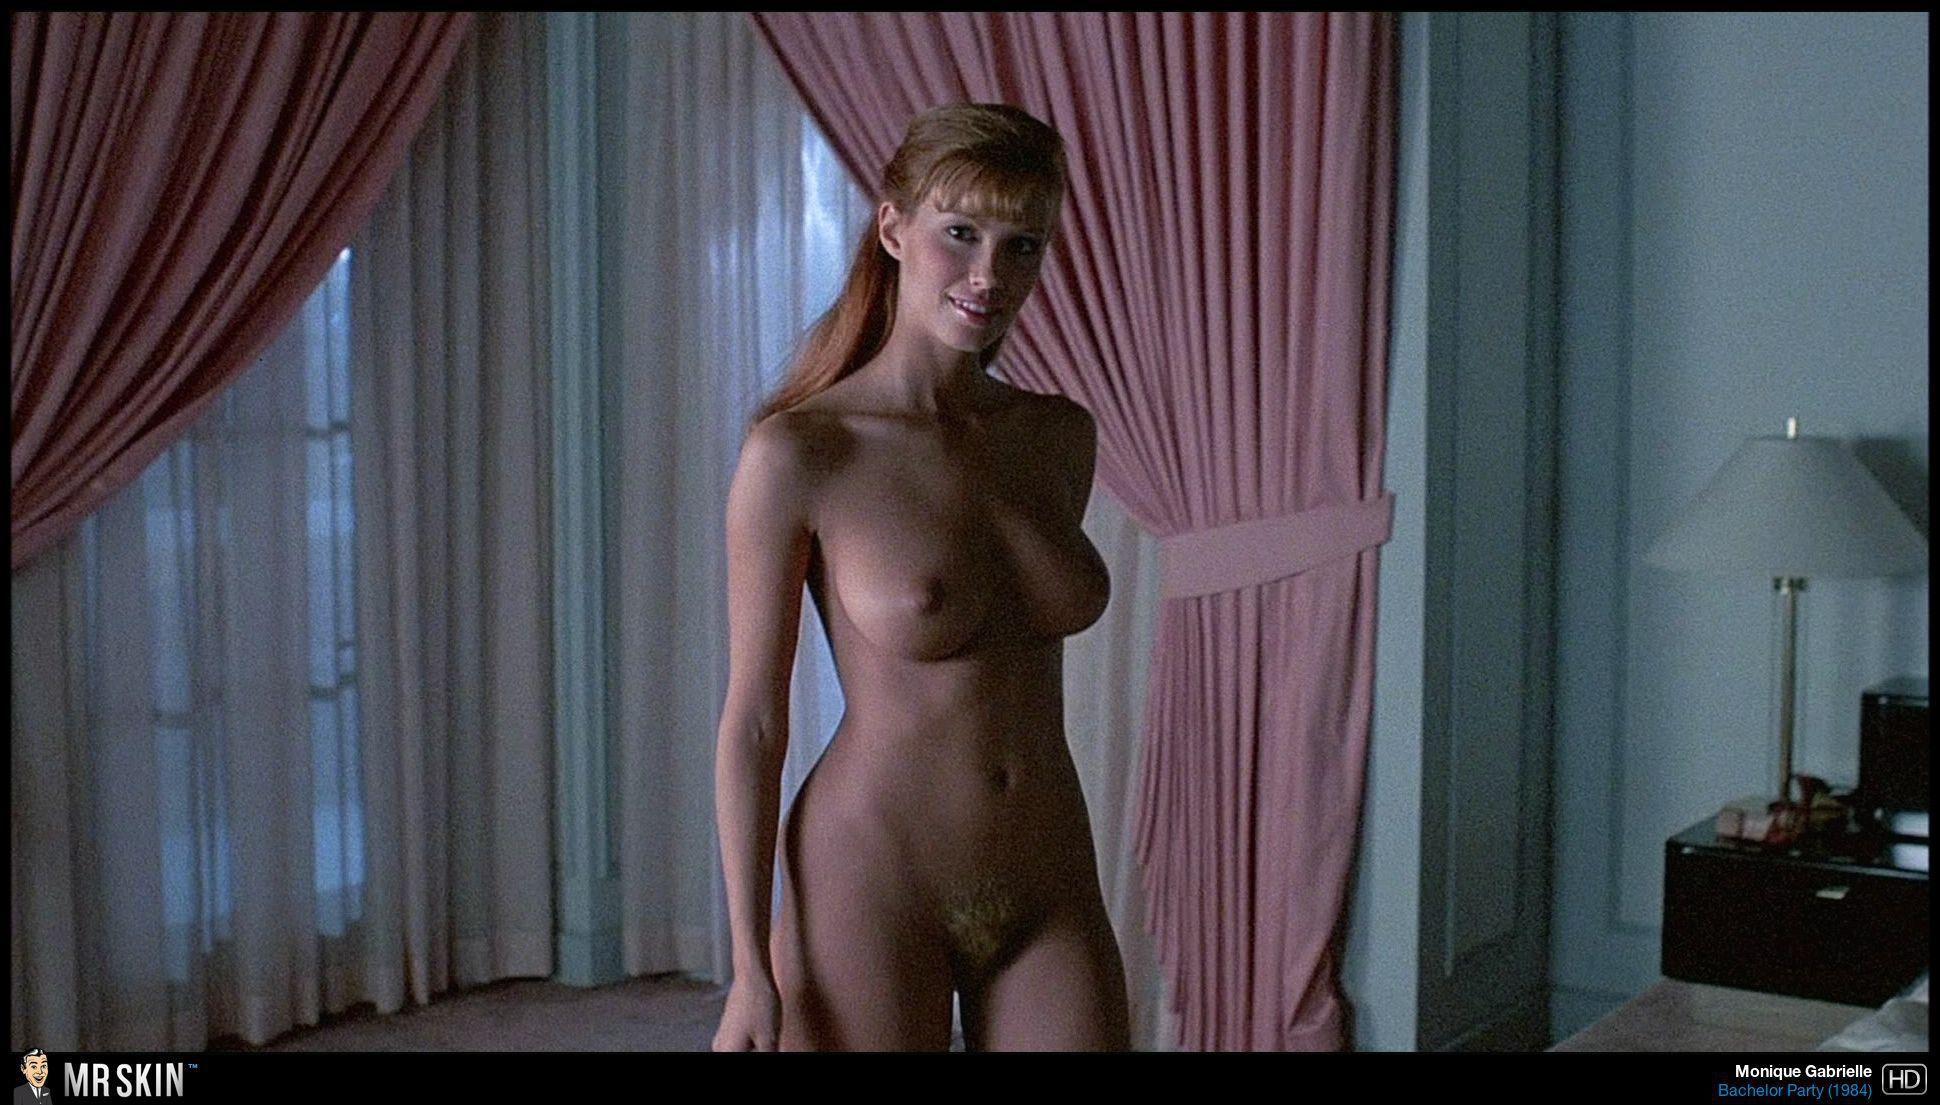 Naked girl large size